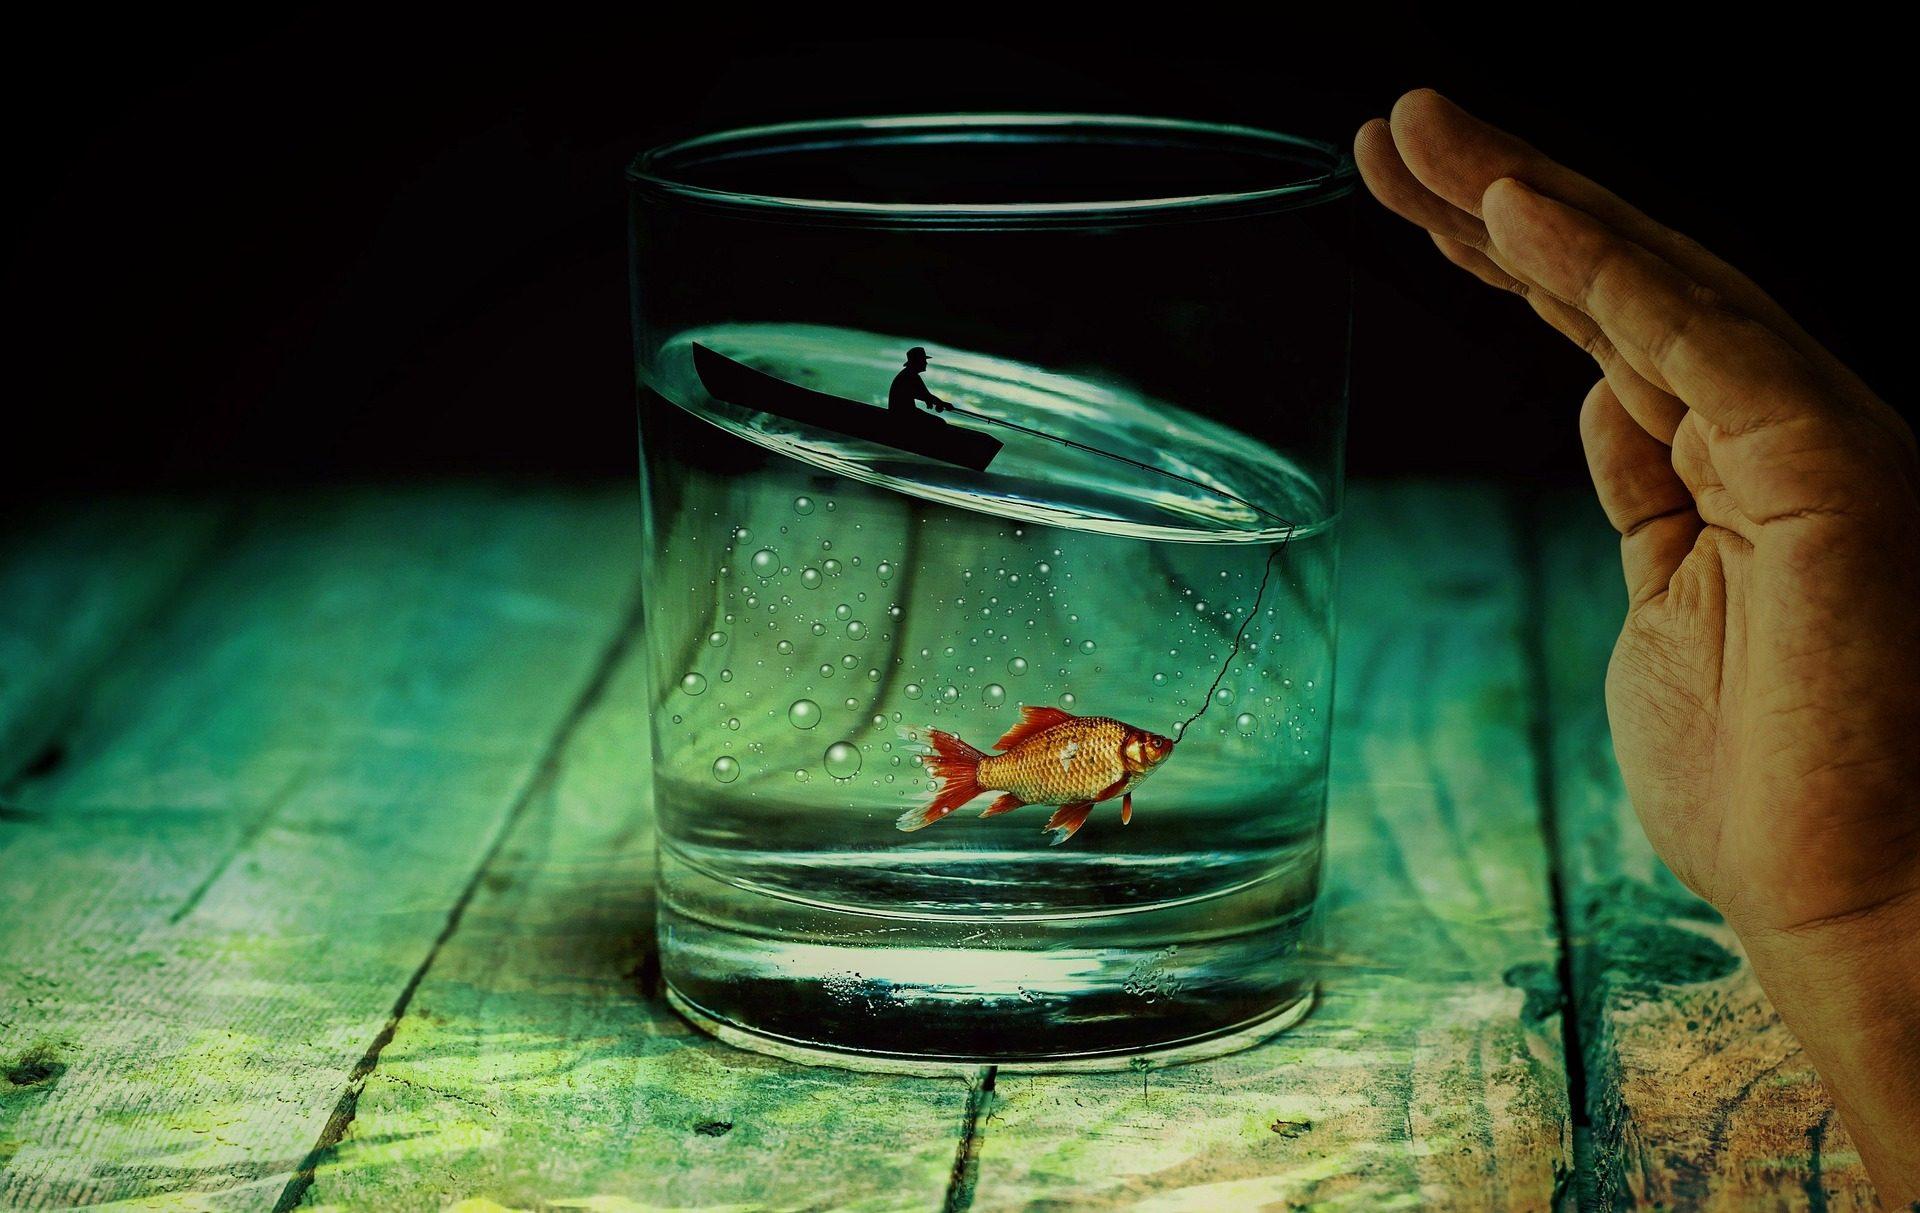 verre, eau, poisson, Pêcheur, Tableau, bois, main - Fonds d'écran HD - Professor-falken.com